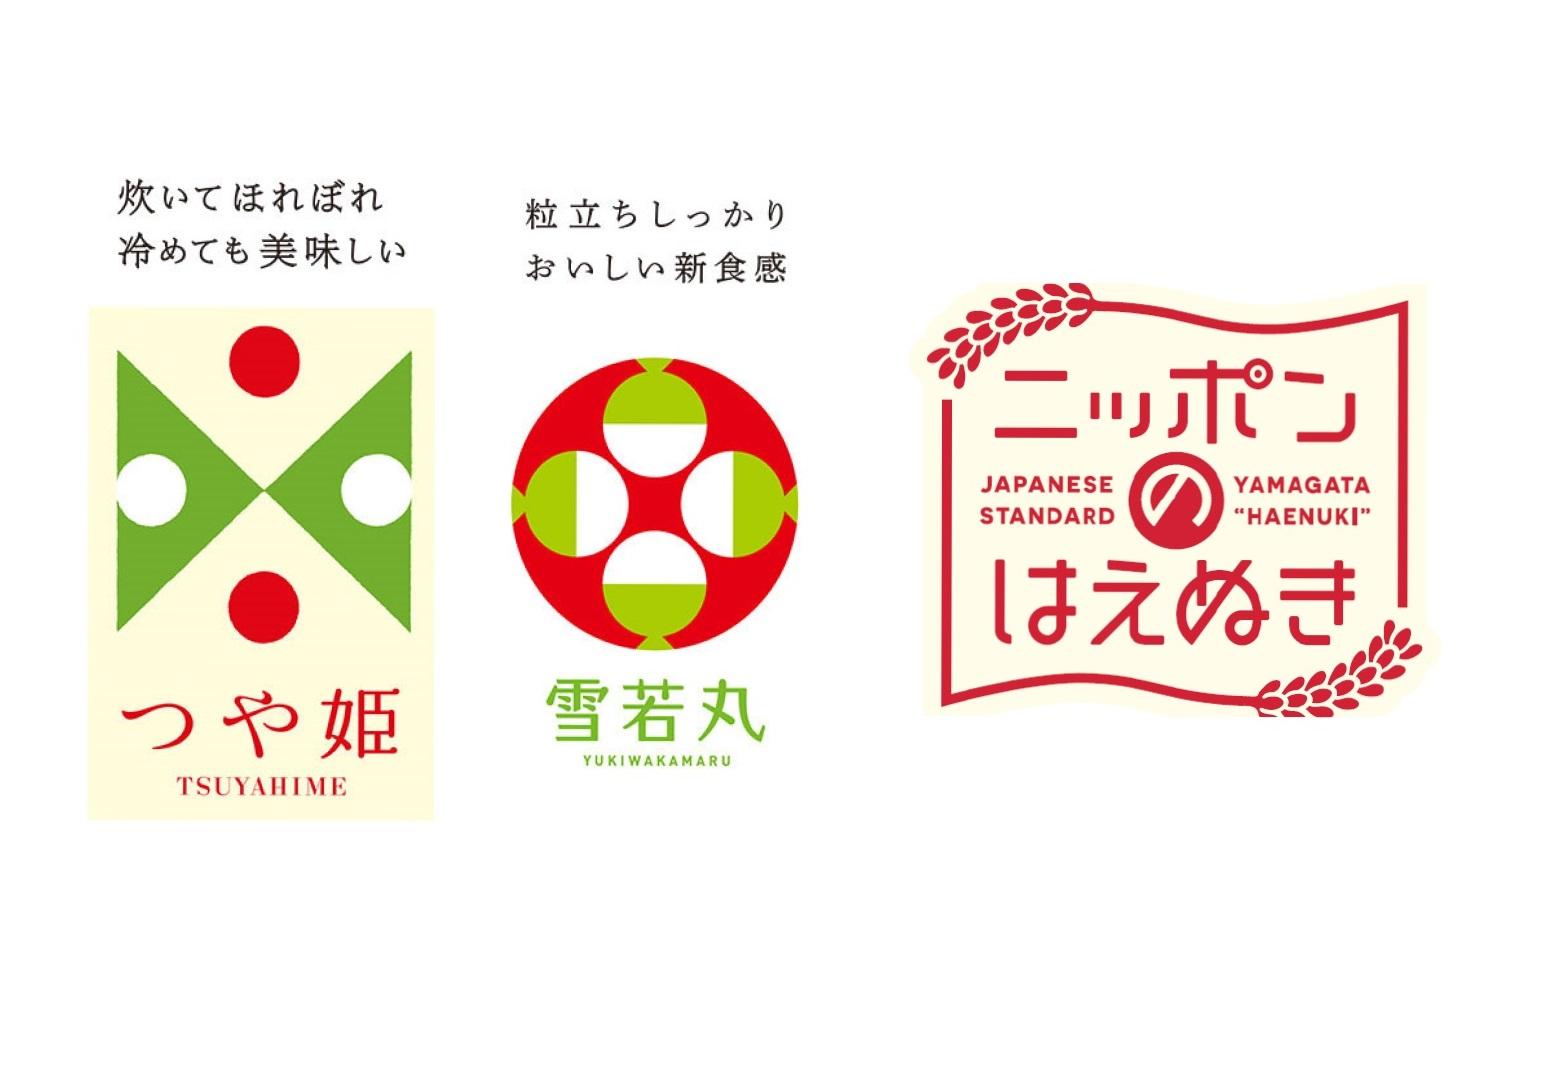 プレゼント当選者発表(9月29日締切分)